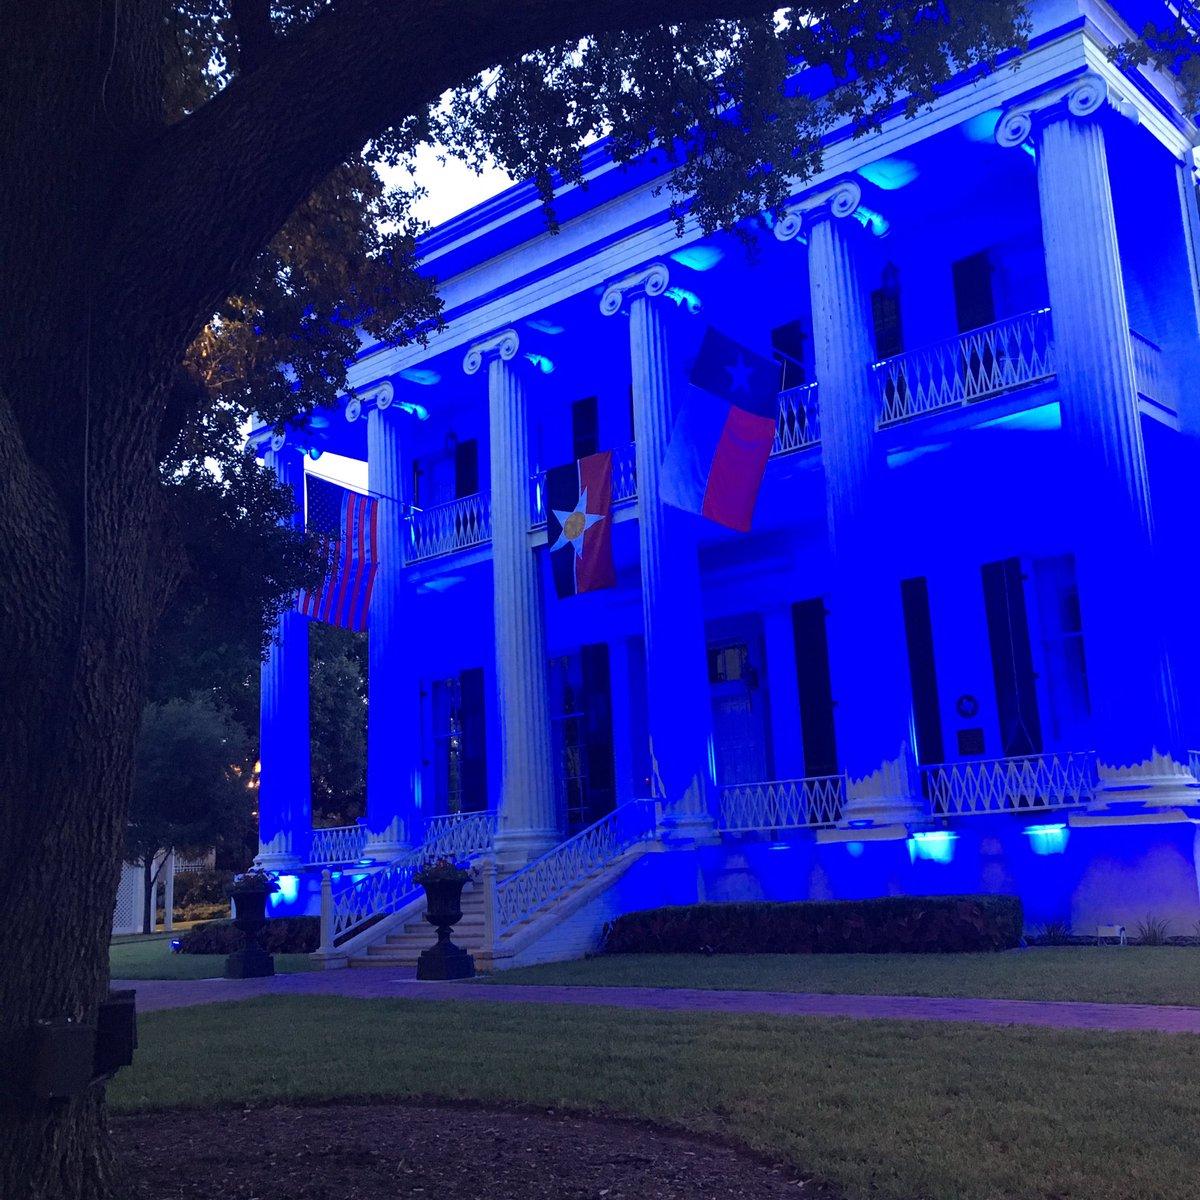 Governor's Mansion Greg Abbott Blue